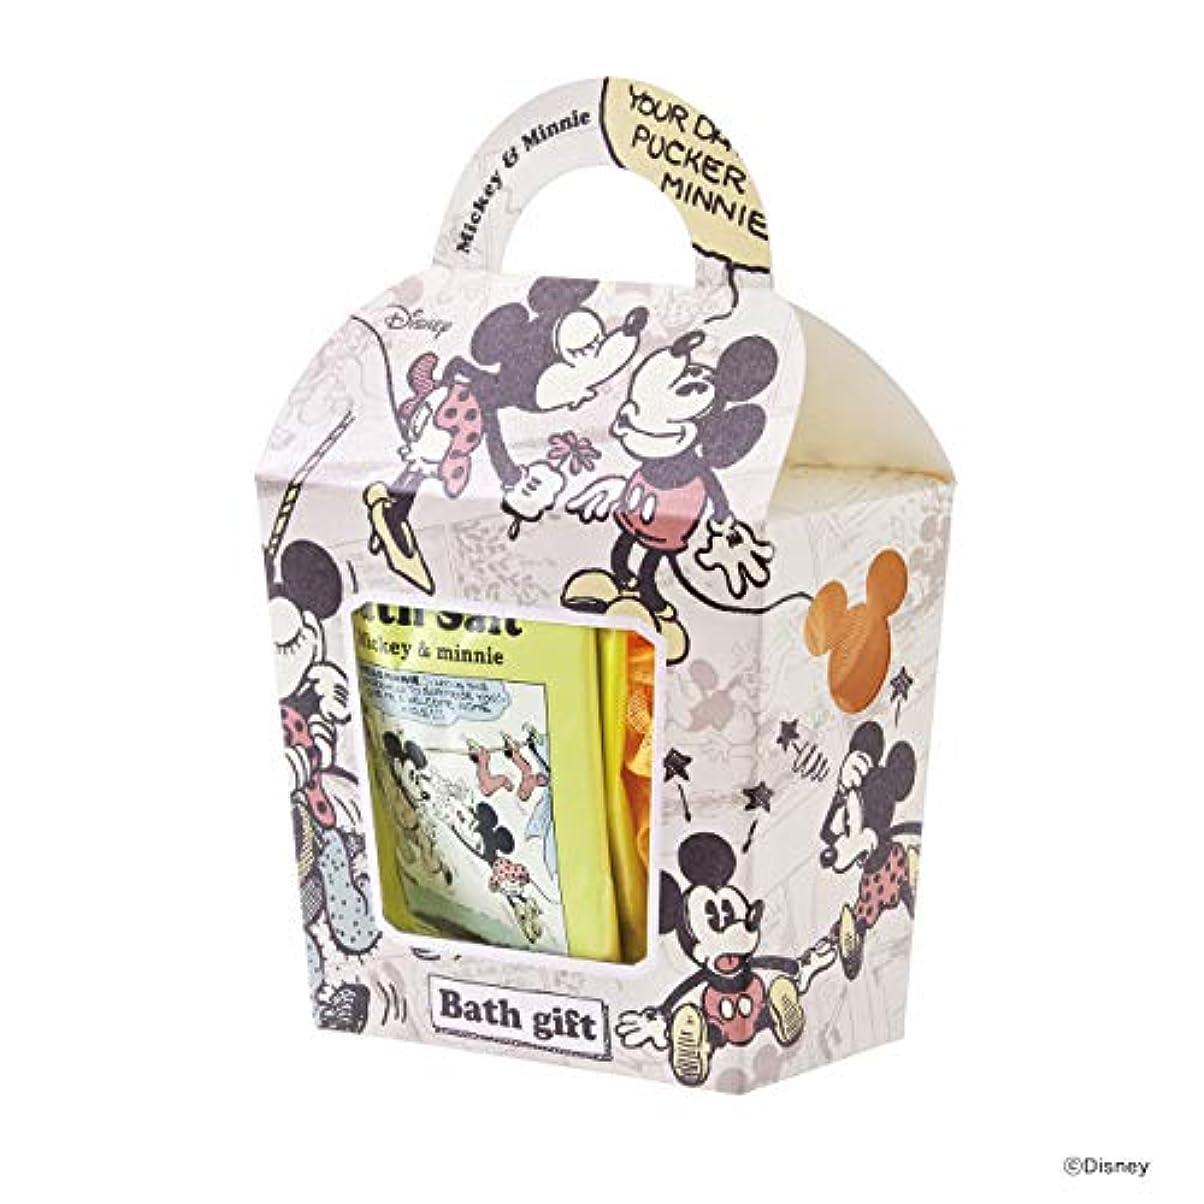 ノーブルポール通訳ミッキーデザインコレクション01バスギフトイエロー